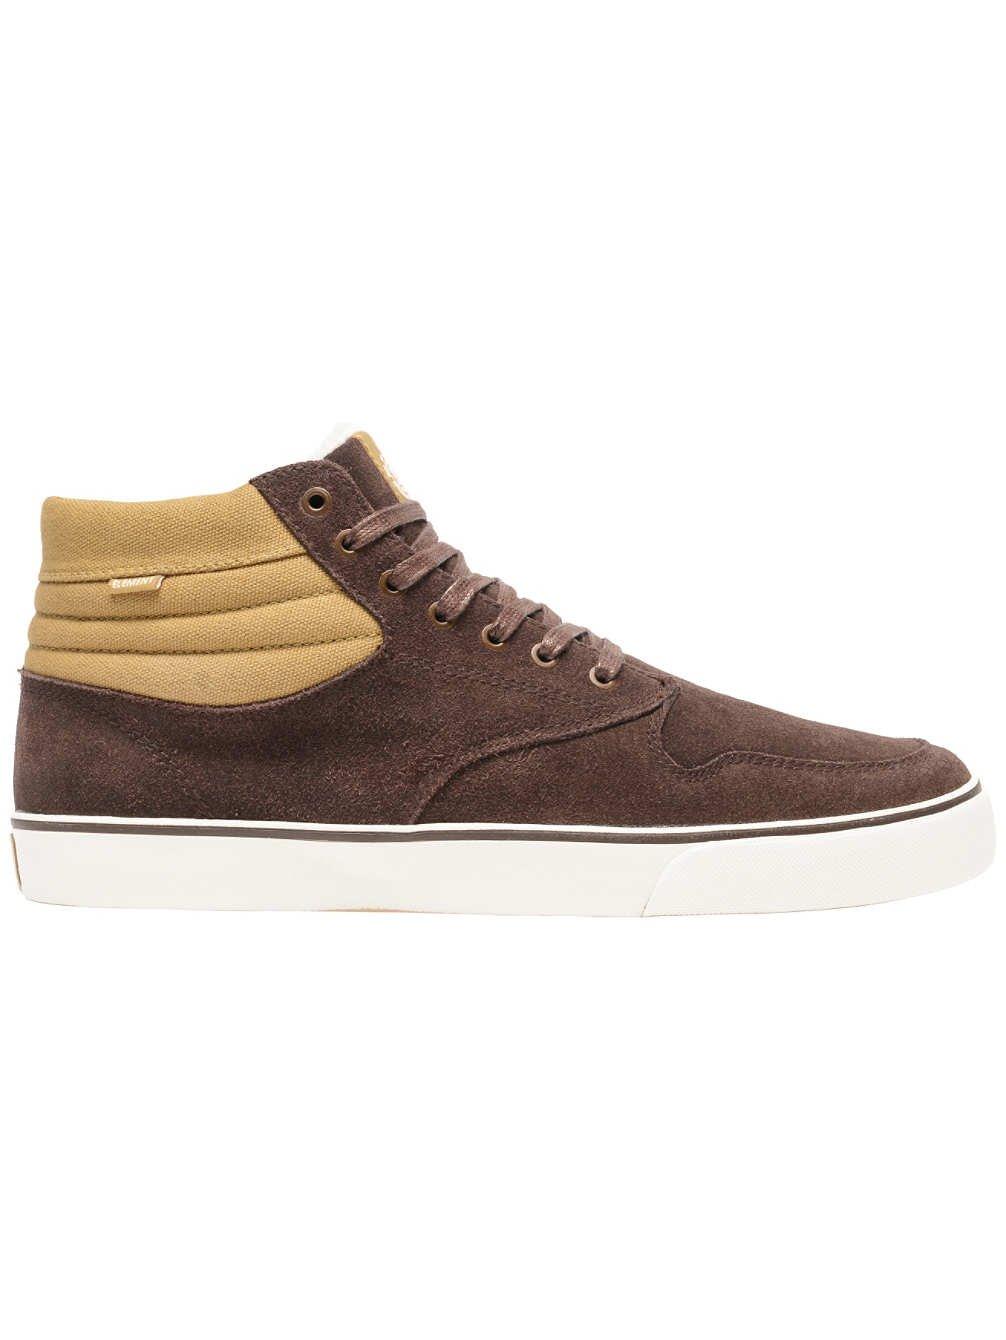 Element Topaz C3 Herren Sneakers  100|Walnut Curry